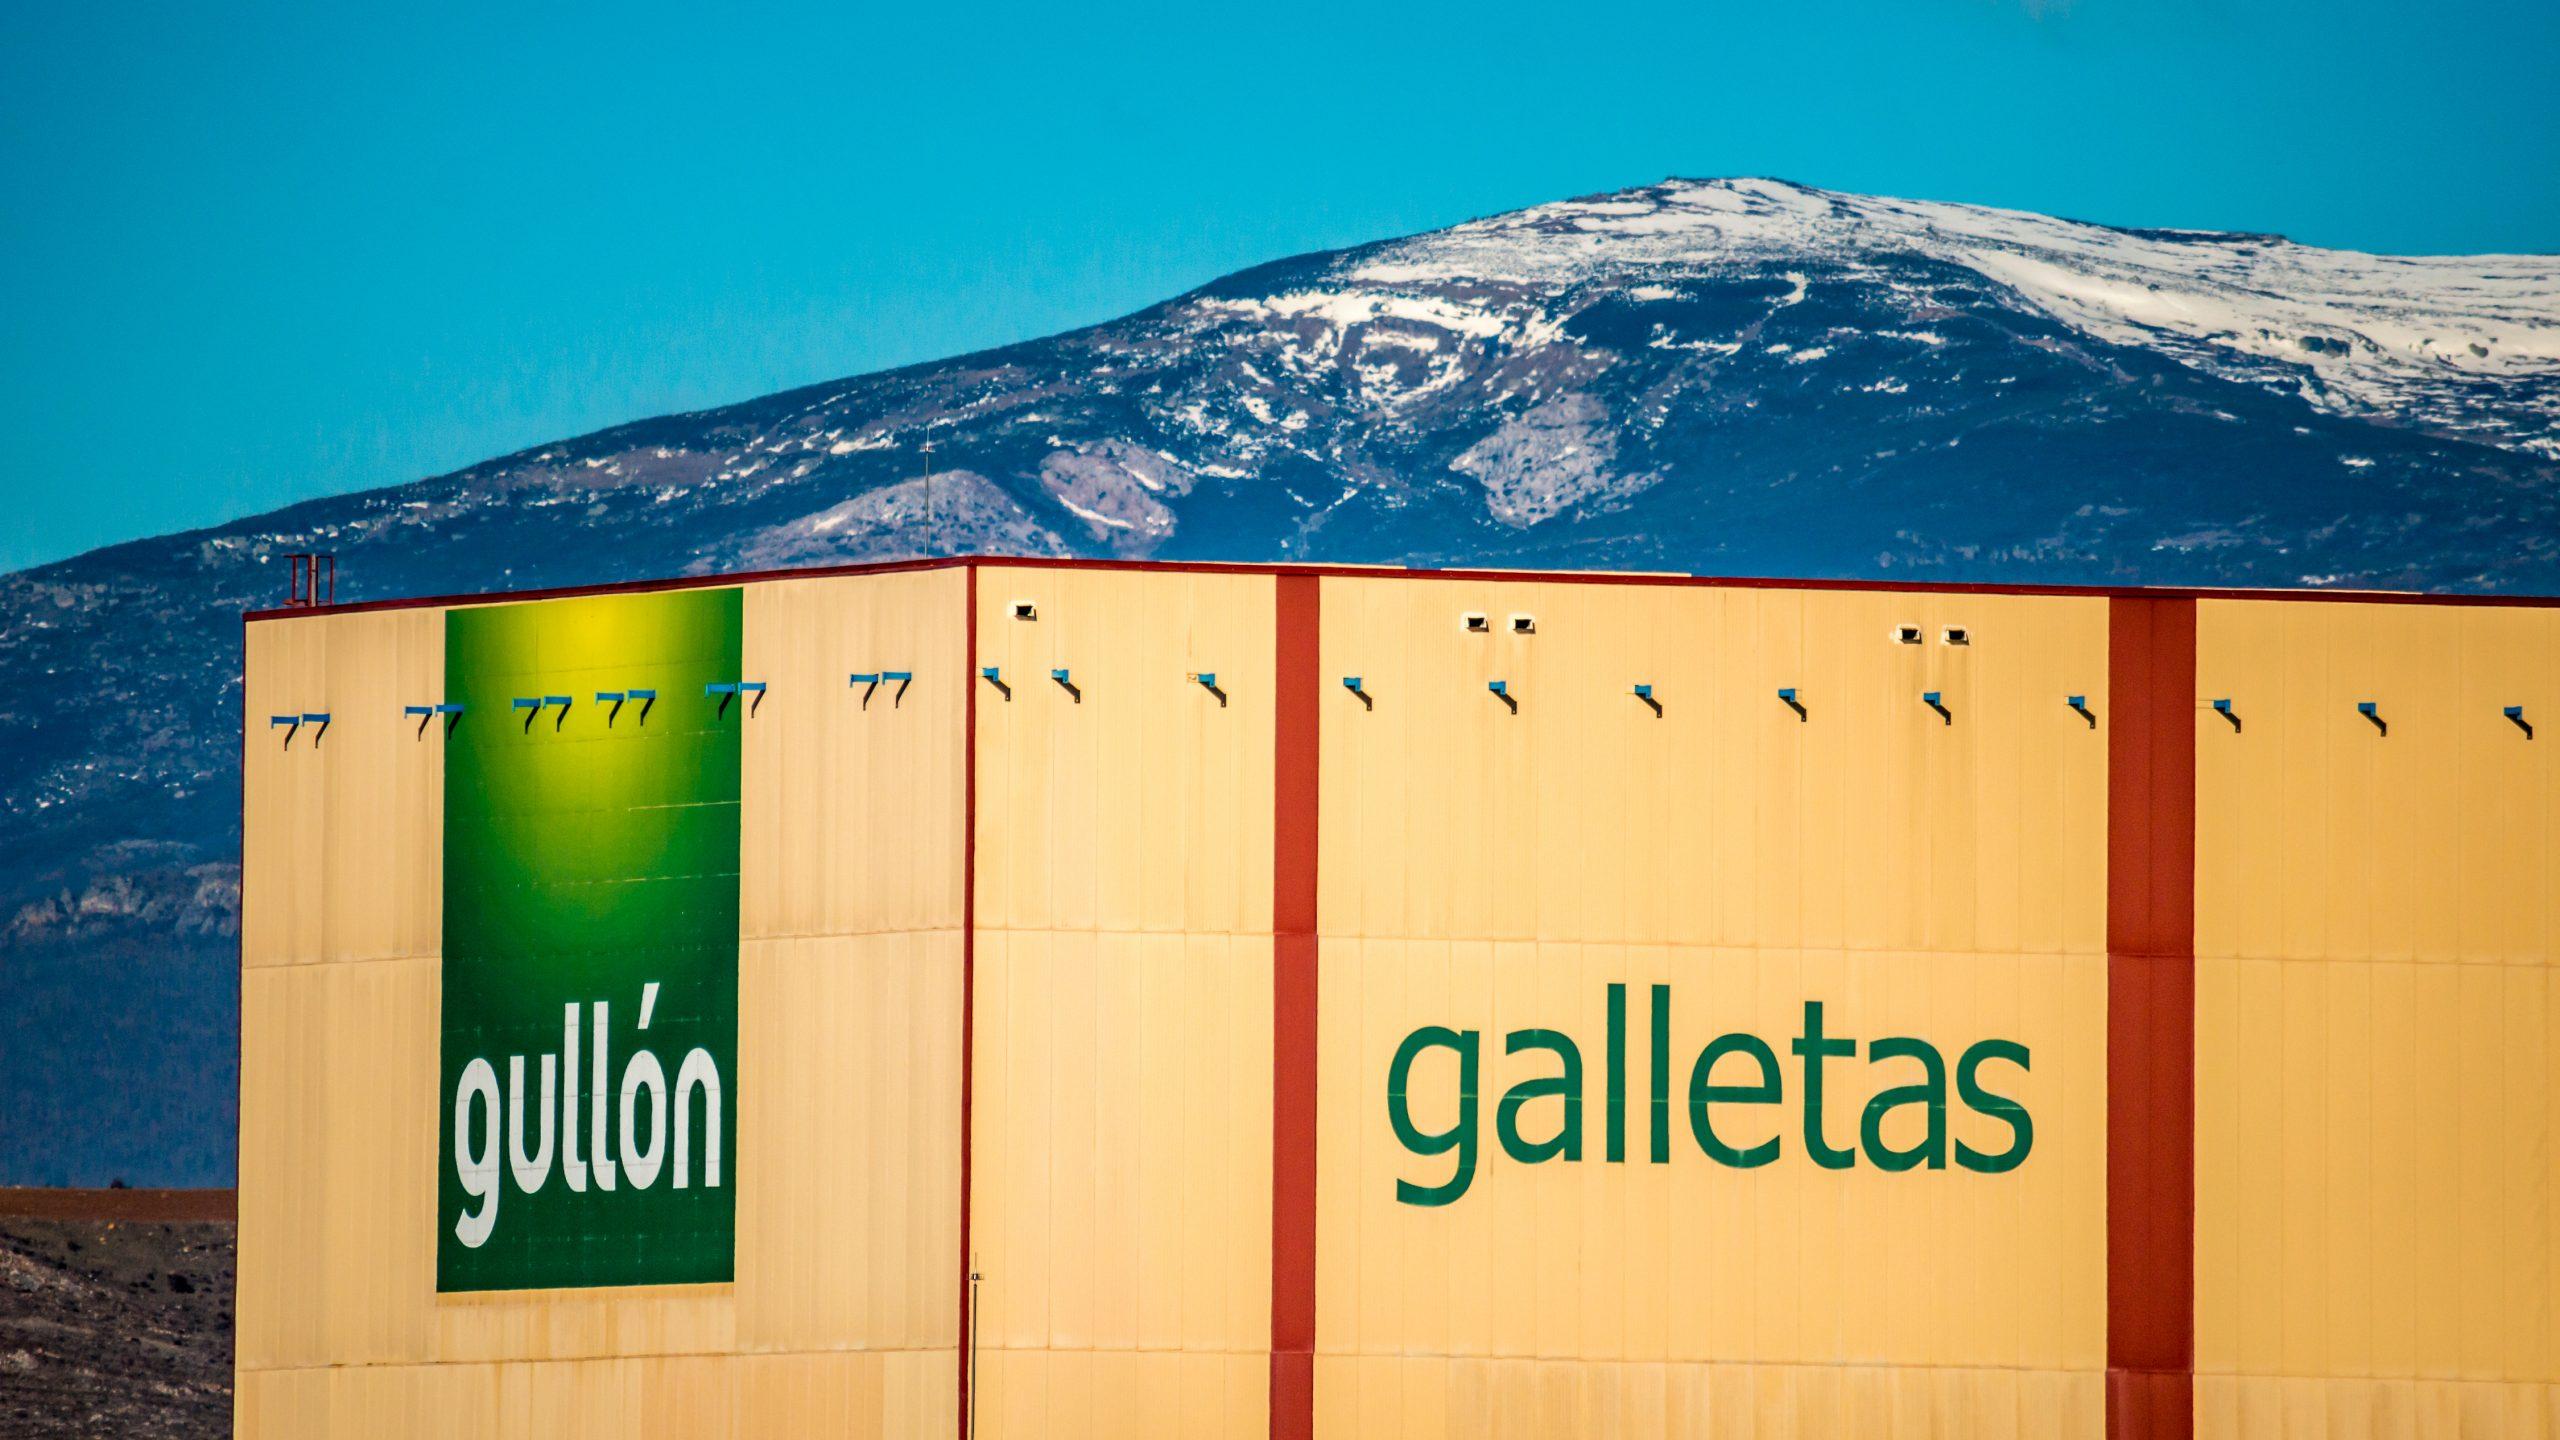 Galletas Gullón Fábrica